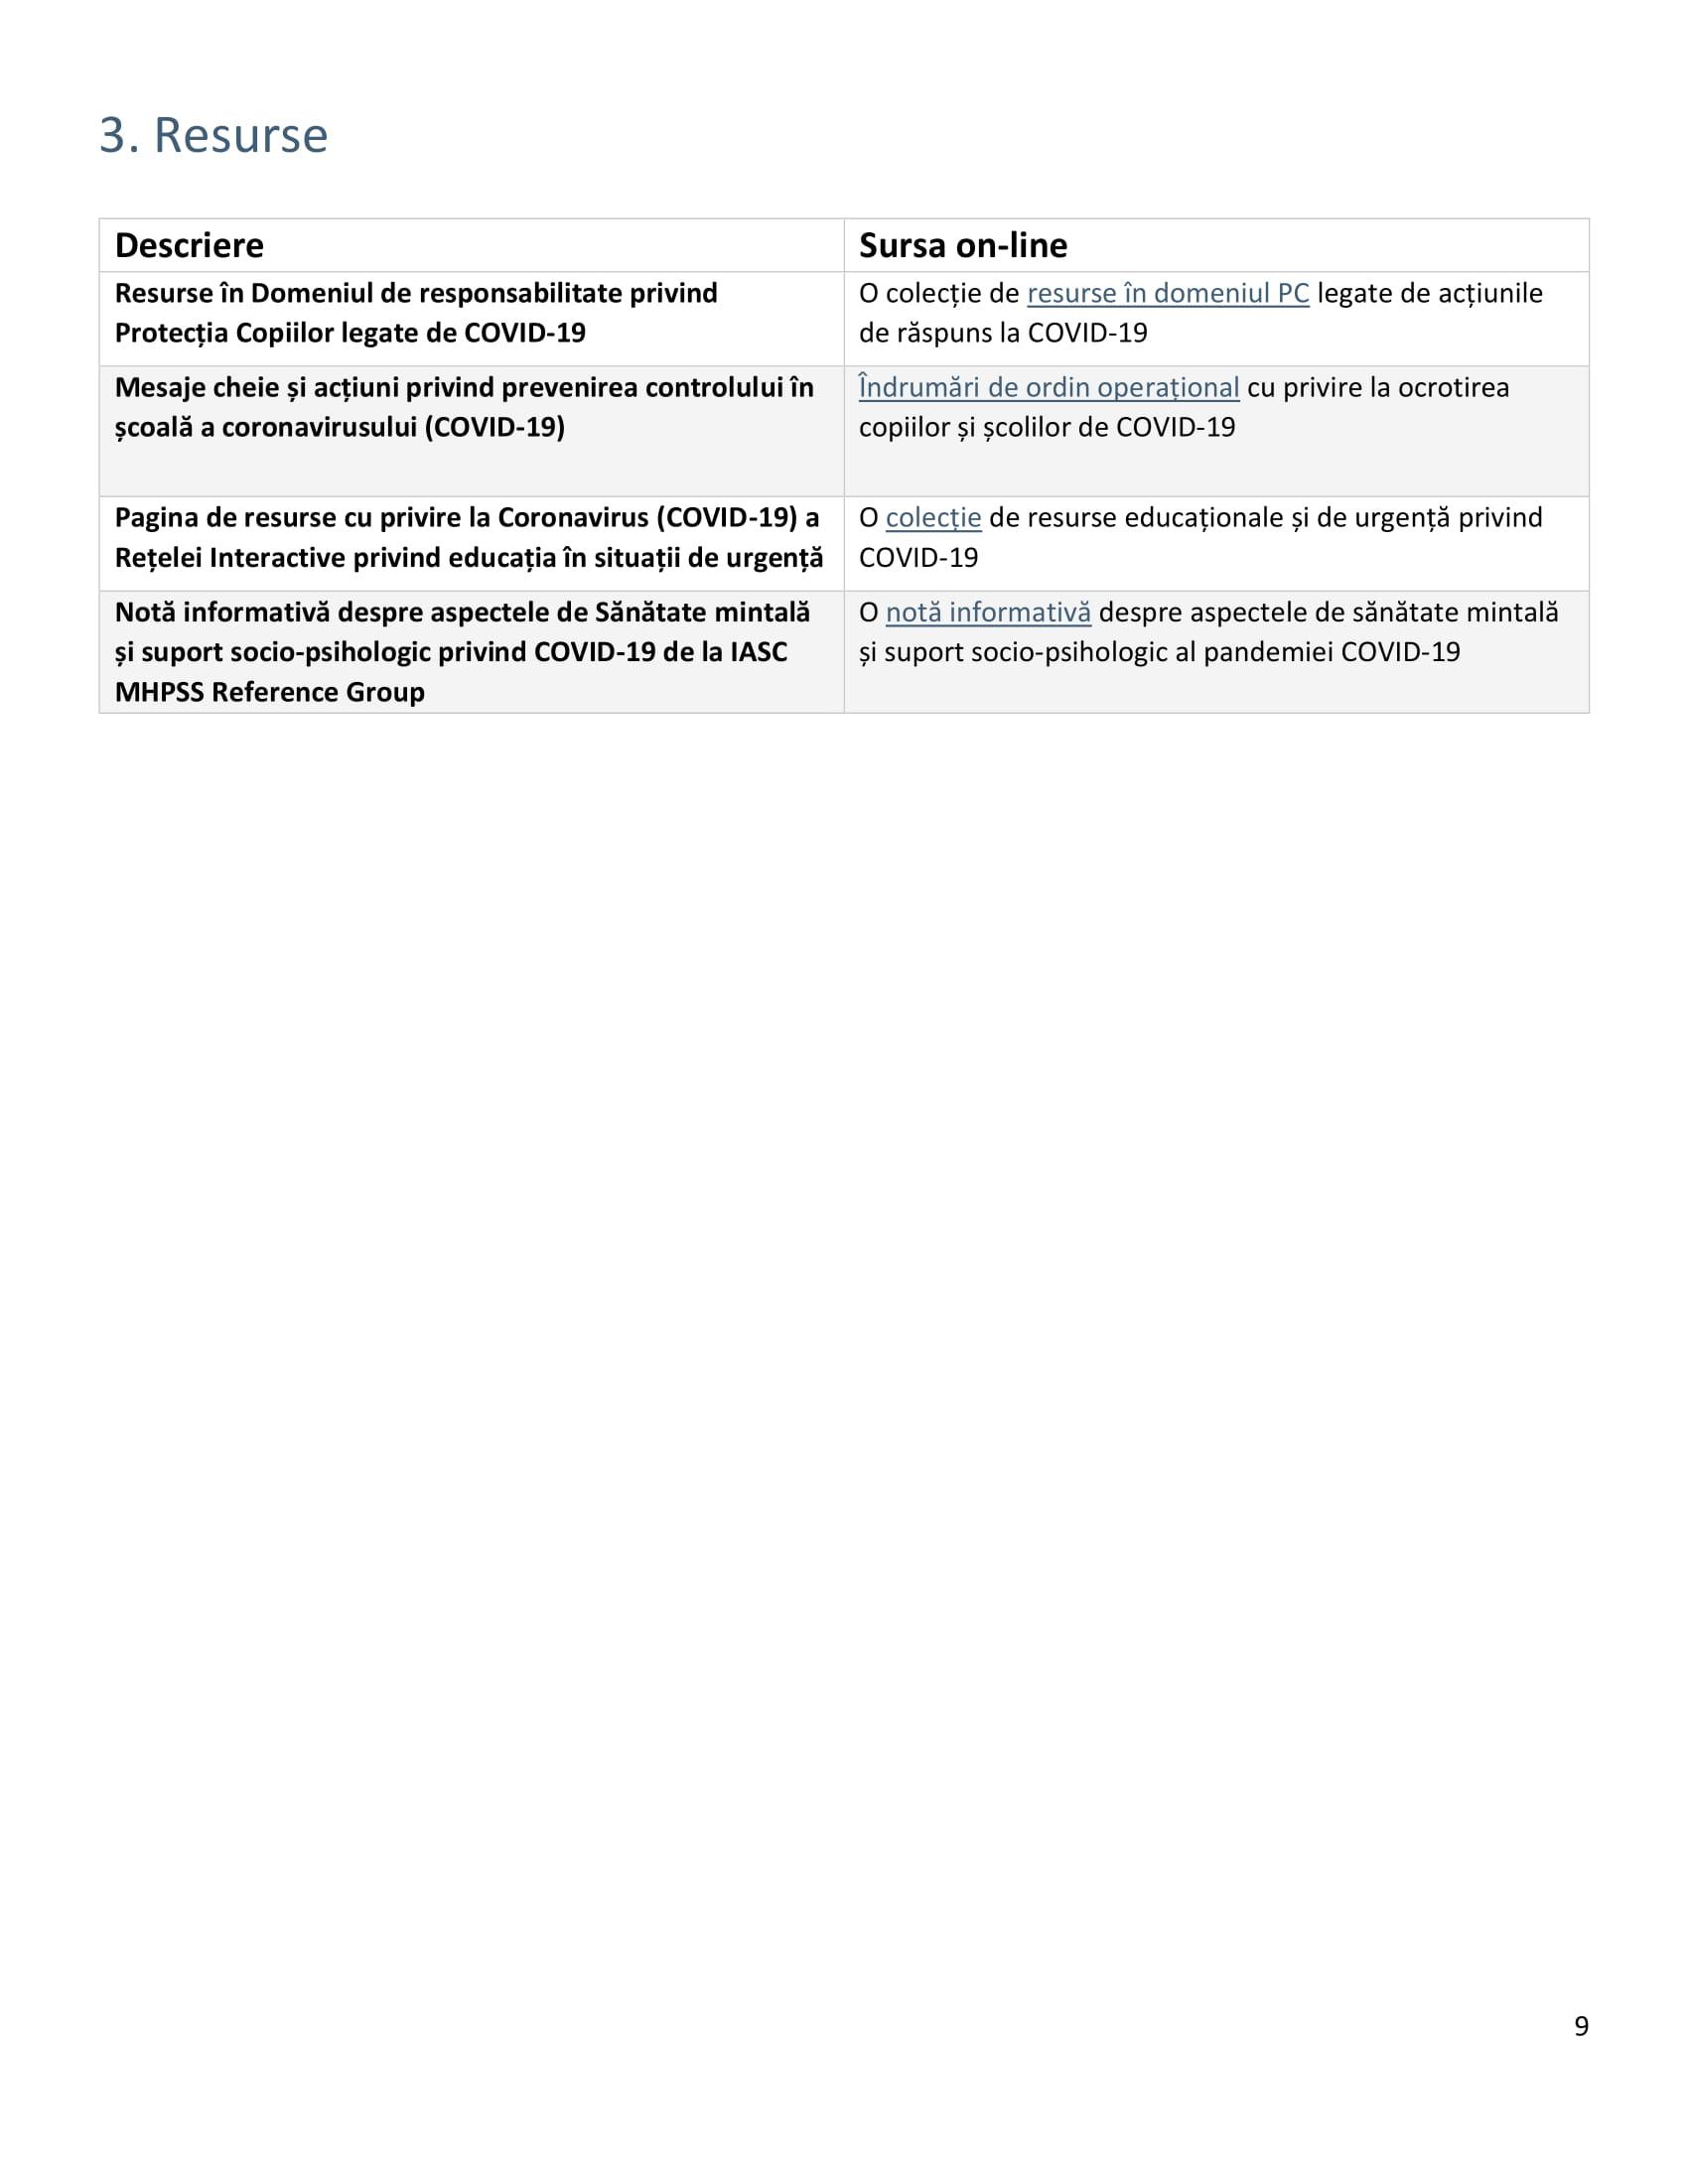 acpha_ghidari_protectia_copilului_covid_19-9